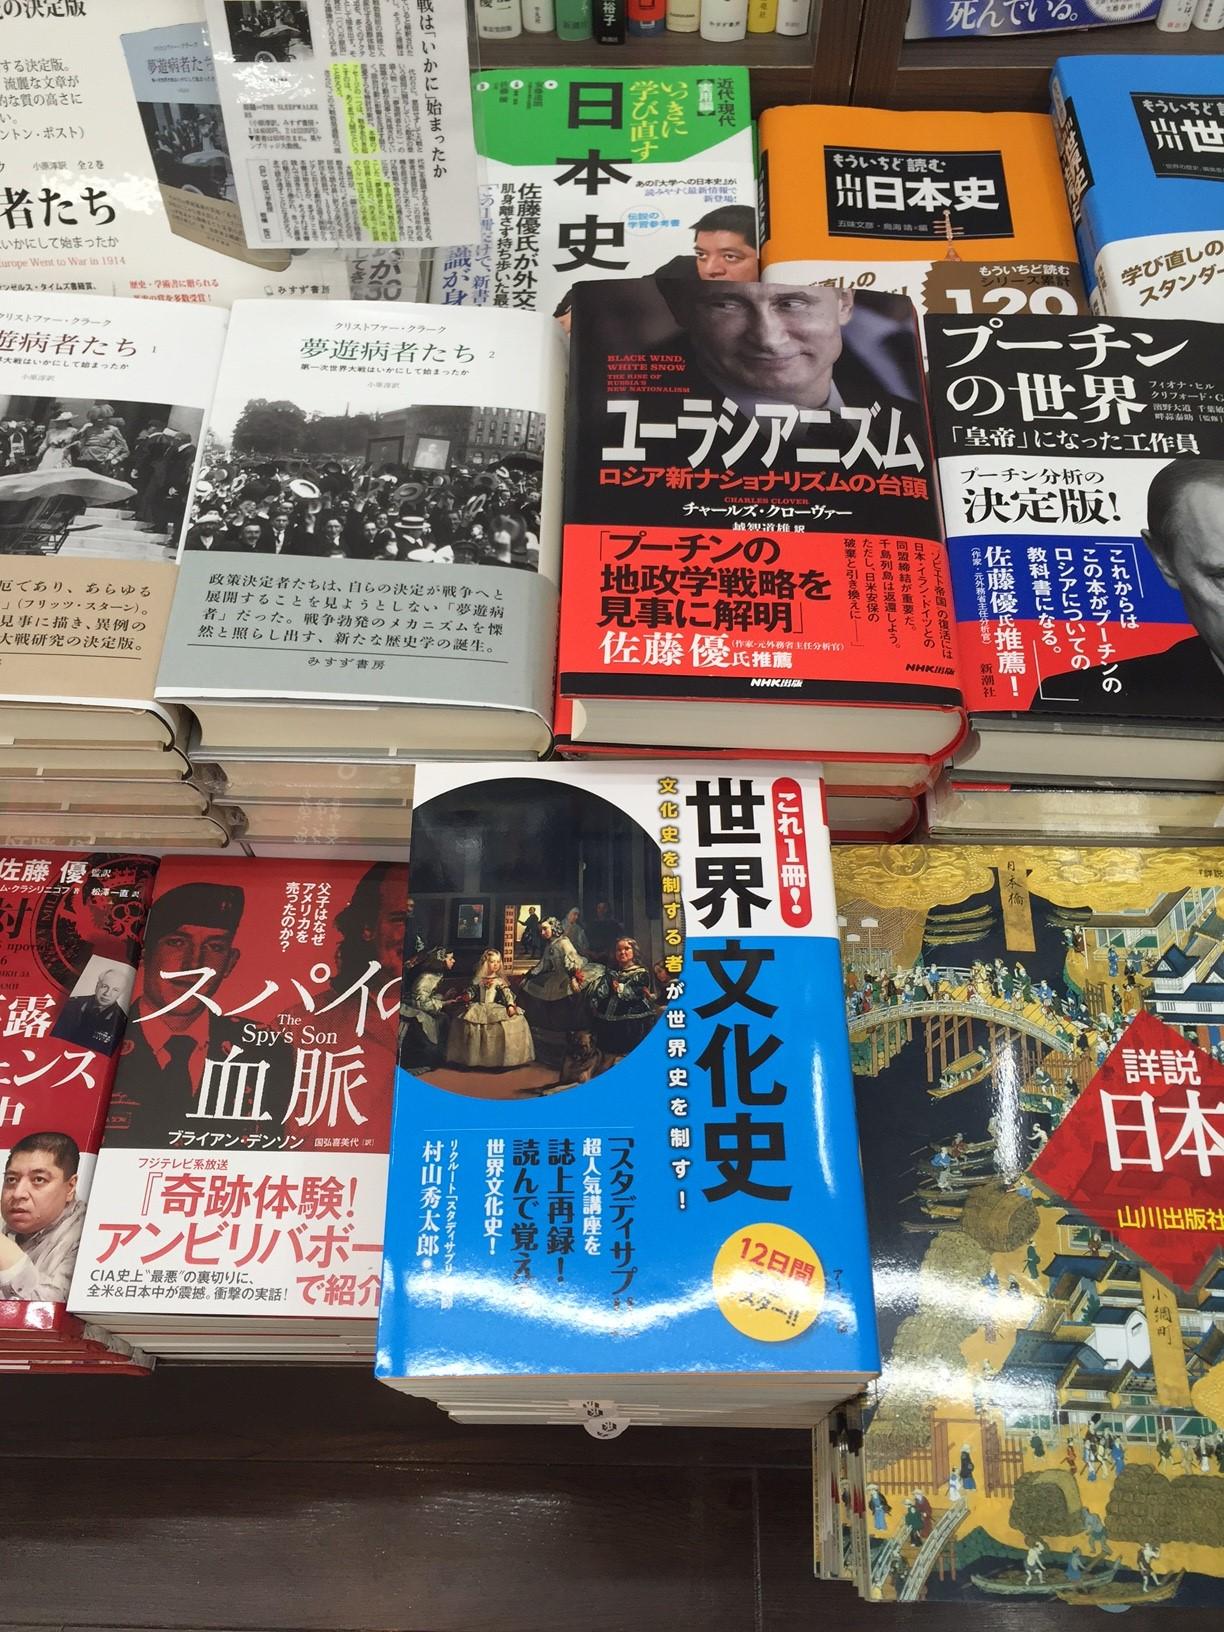 三省堂書店東京駅一番街店 歴史コーナーで、『これ1冊! 世界文化史』(村山秀太郎著)を展開中!いつもありがとうございます。